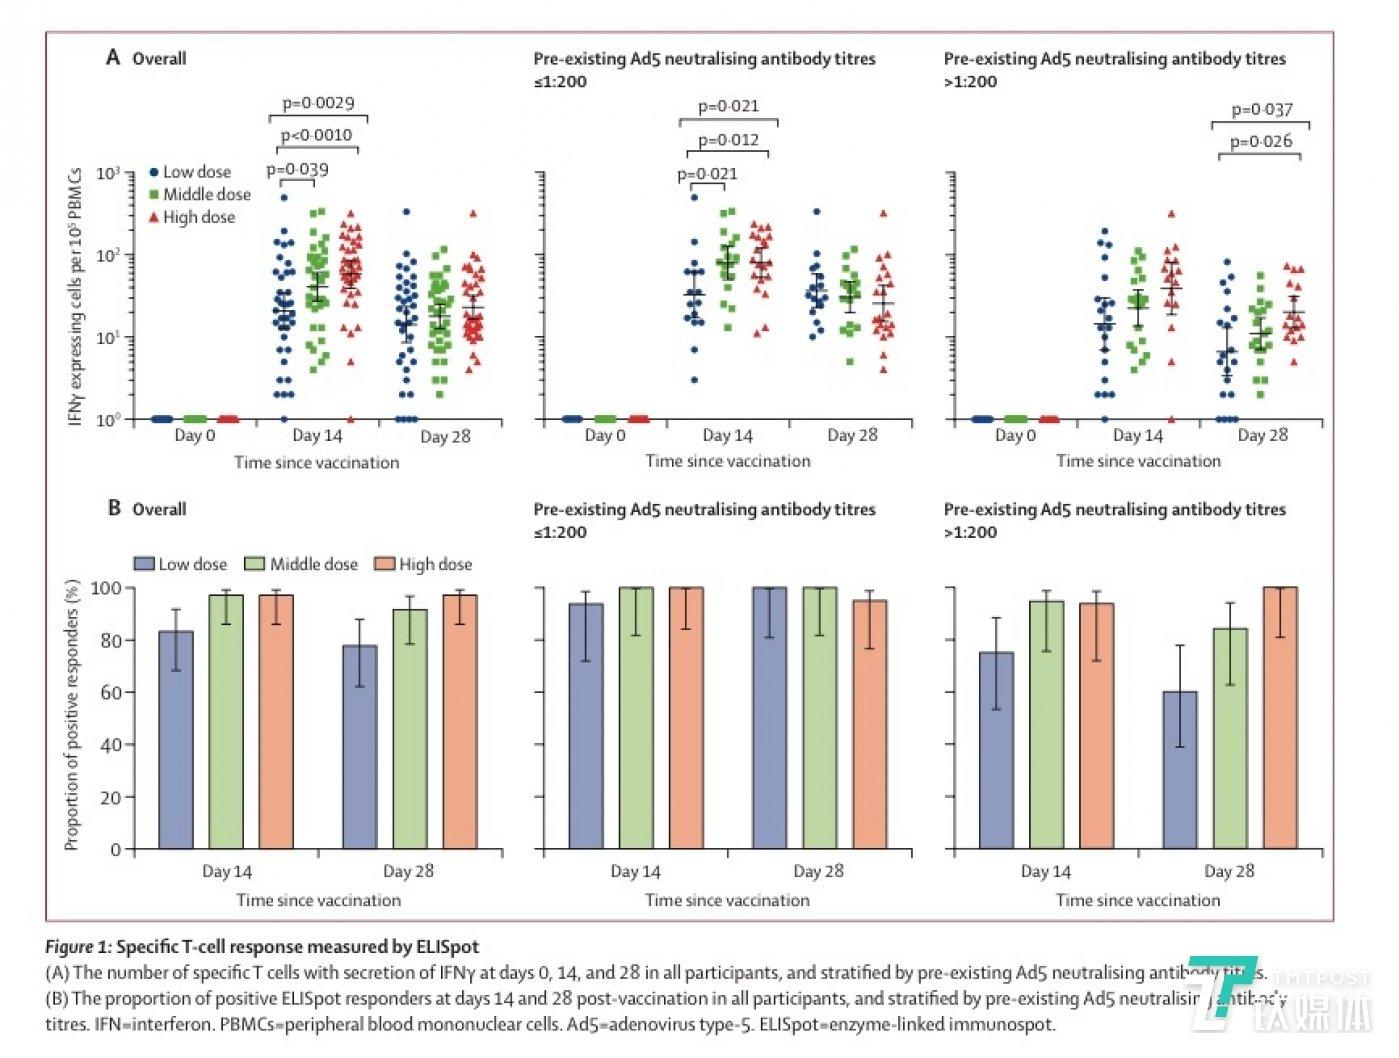 酶联免疫斑点检测 (ELISpot) 中的特异性 T 细胞。(A):所有参与者在第 0、14 和 28 天分泌干扰素γ(IFNγ)的特异性 T 细胞数量,并通过预置的 Ad5 型腺病毒中和抗体滴度进行分层。(B):接种后第 14 天和第 28 天,所有参与者中酶联免疫斑点检测呈阳性的比例,并通过预置的 Ad5 型腺病毒中和抗体滴度进行分层。